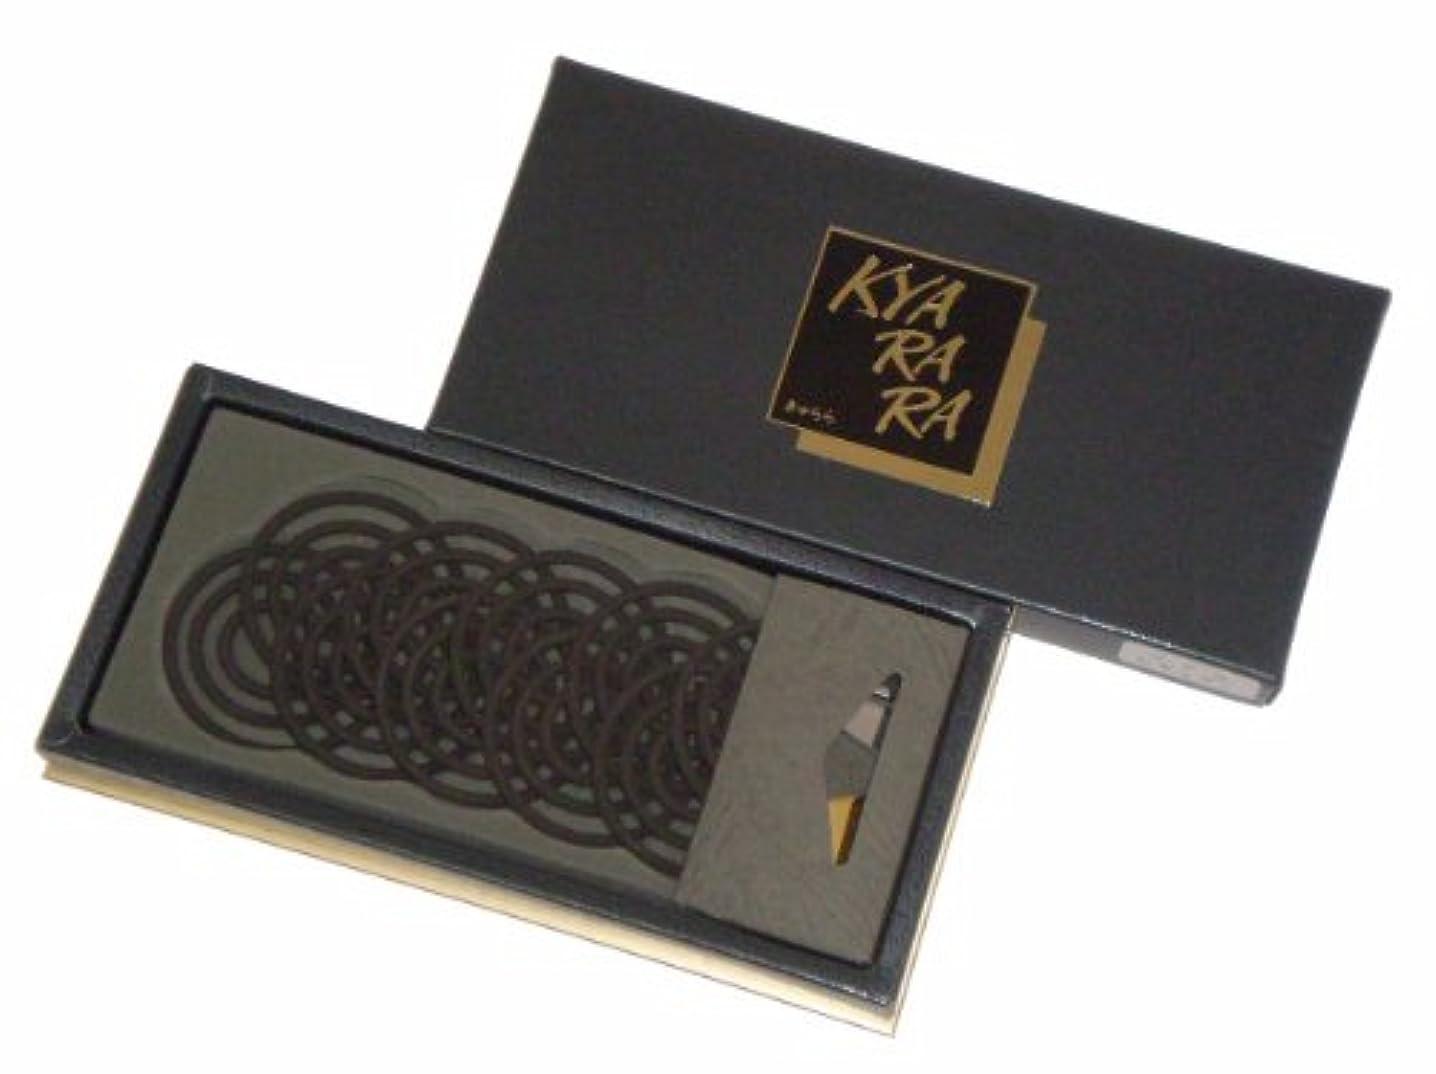 玉初堂のお香 キャララ コイルレギュラーセット #5234